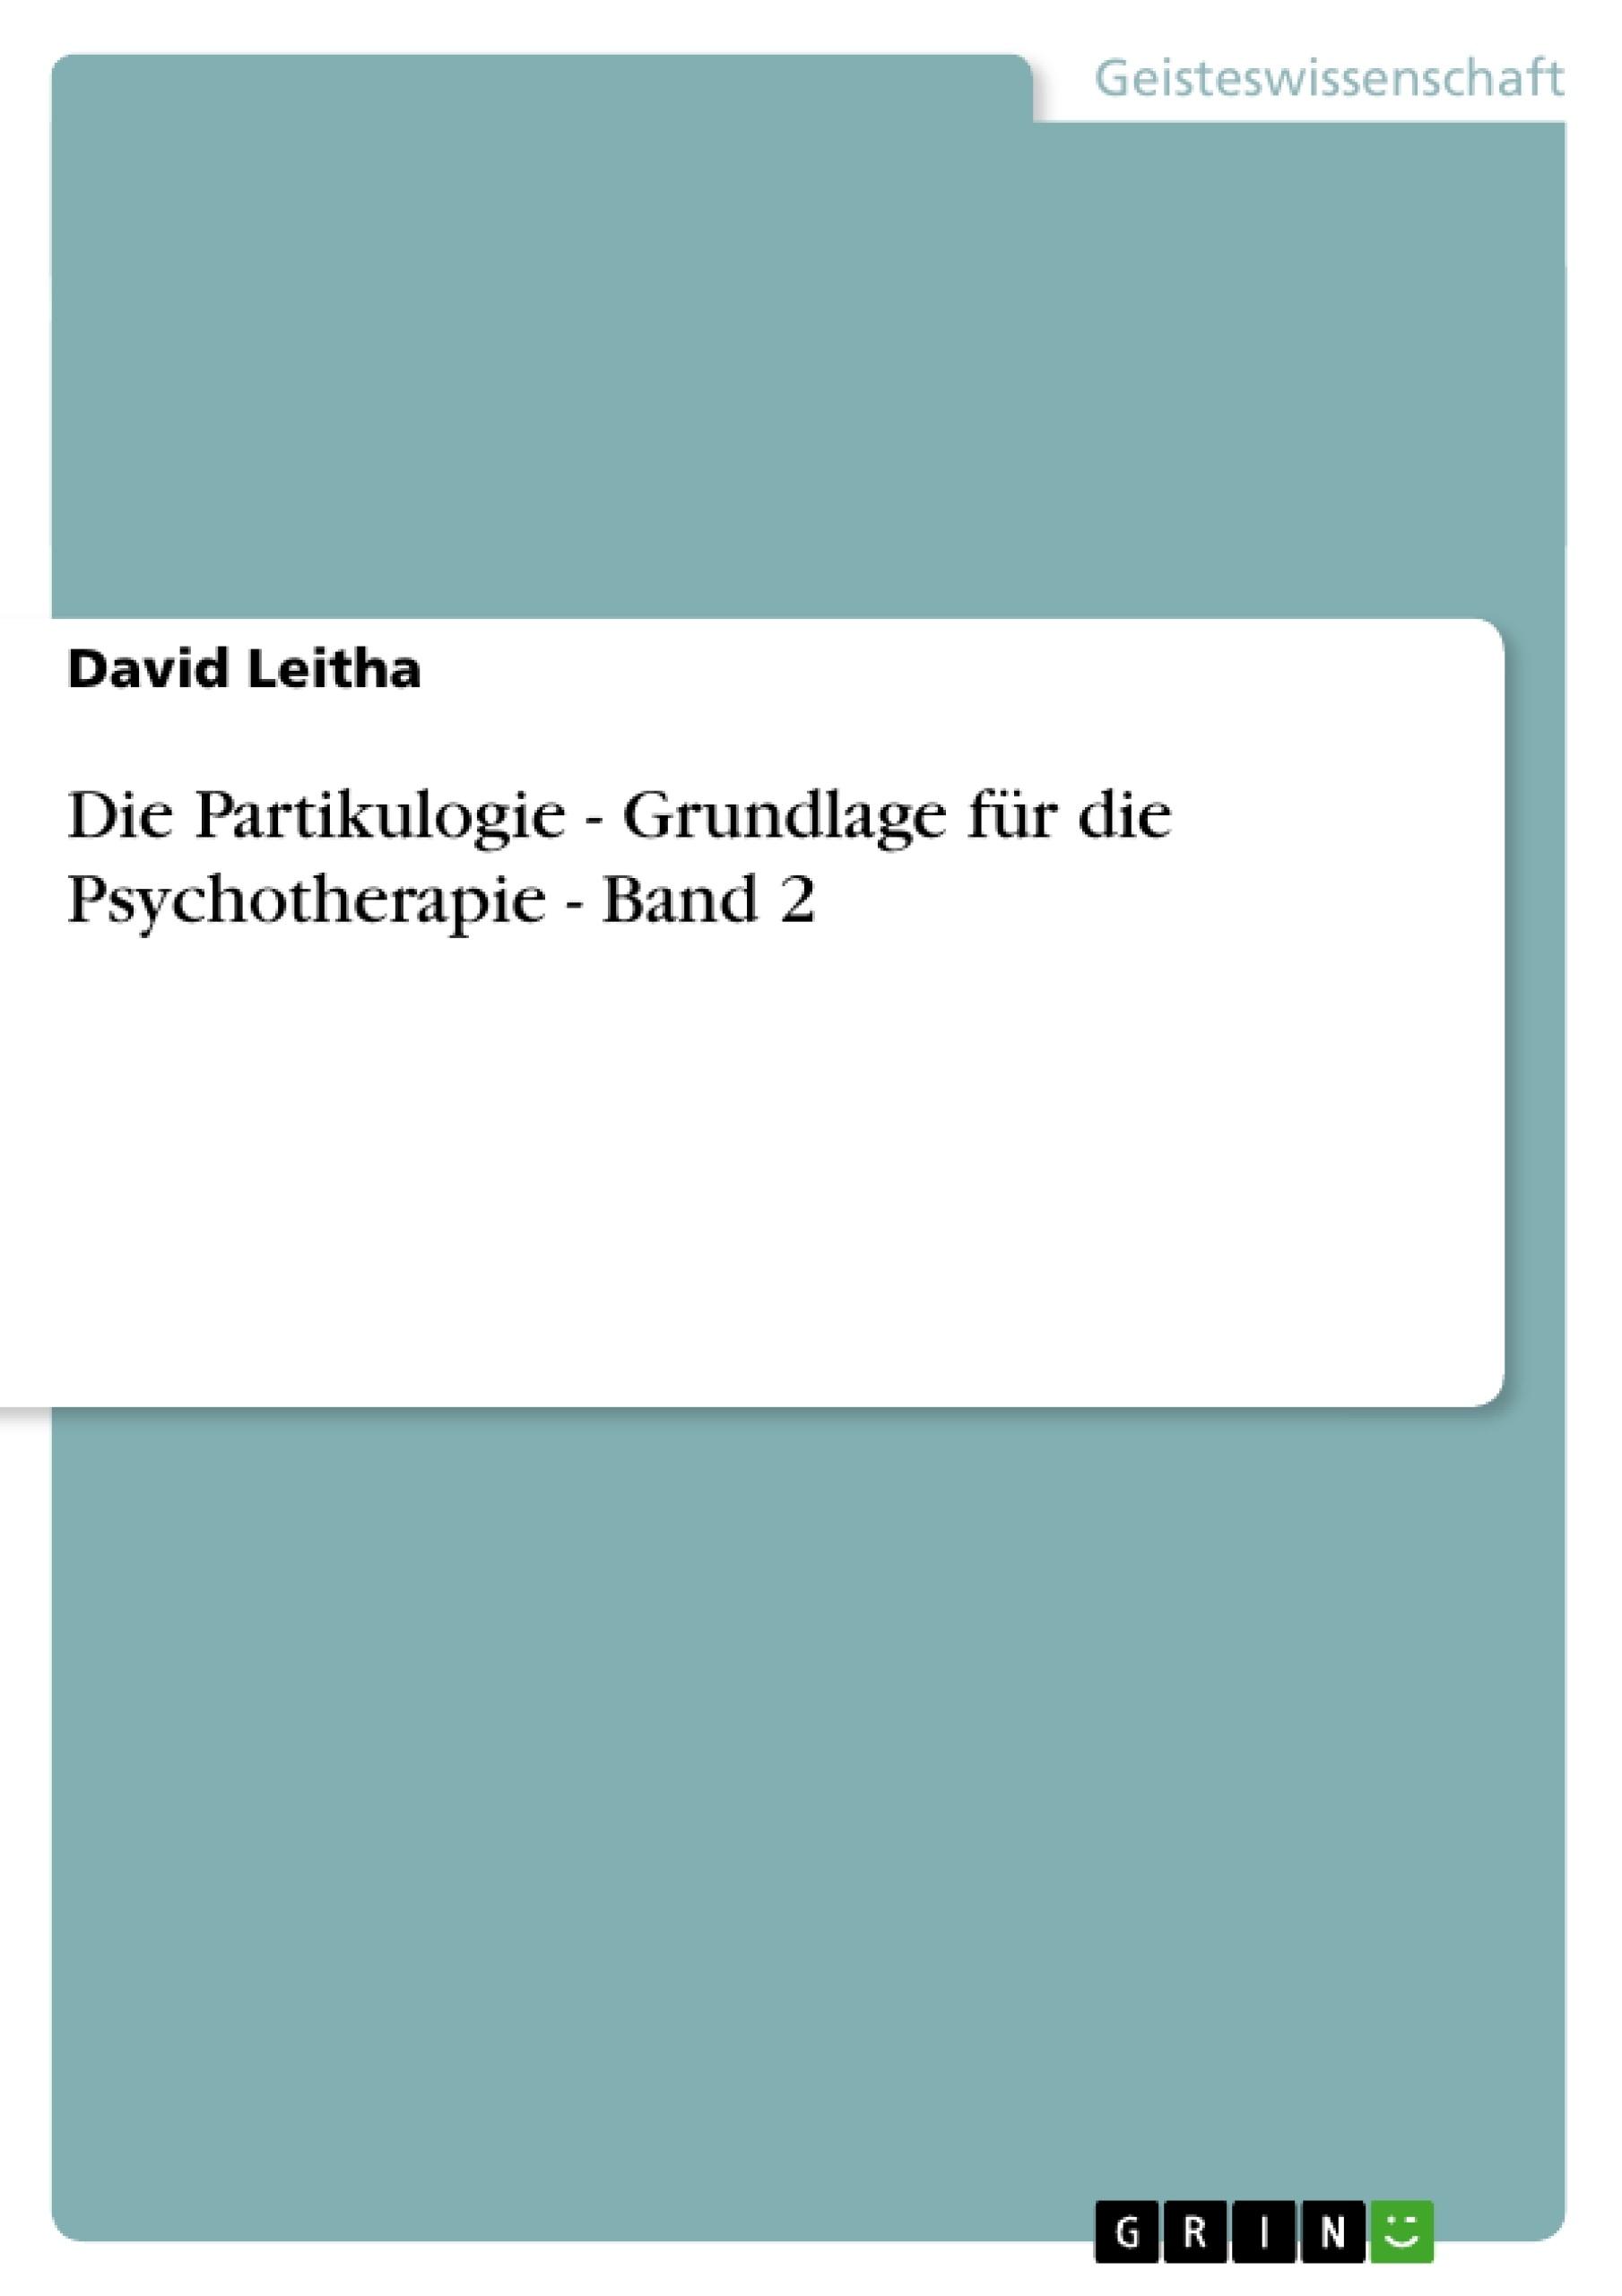 Titel: Die Partikulogie - Grundlage für die Psychotherapie - Band 2